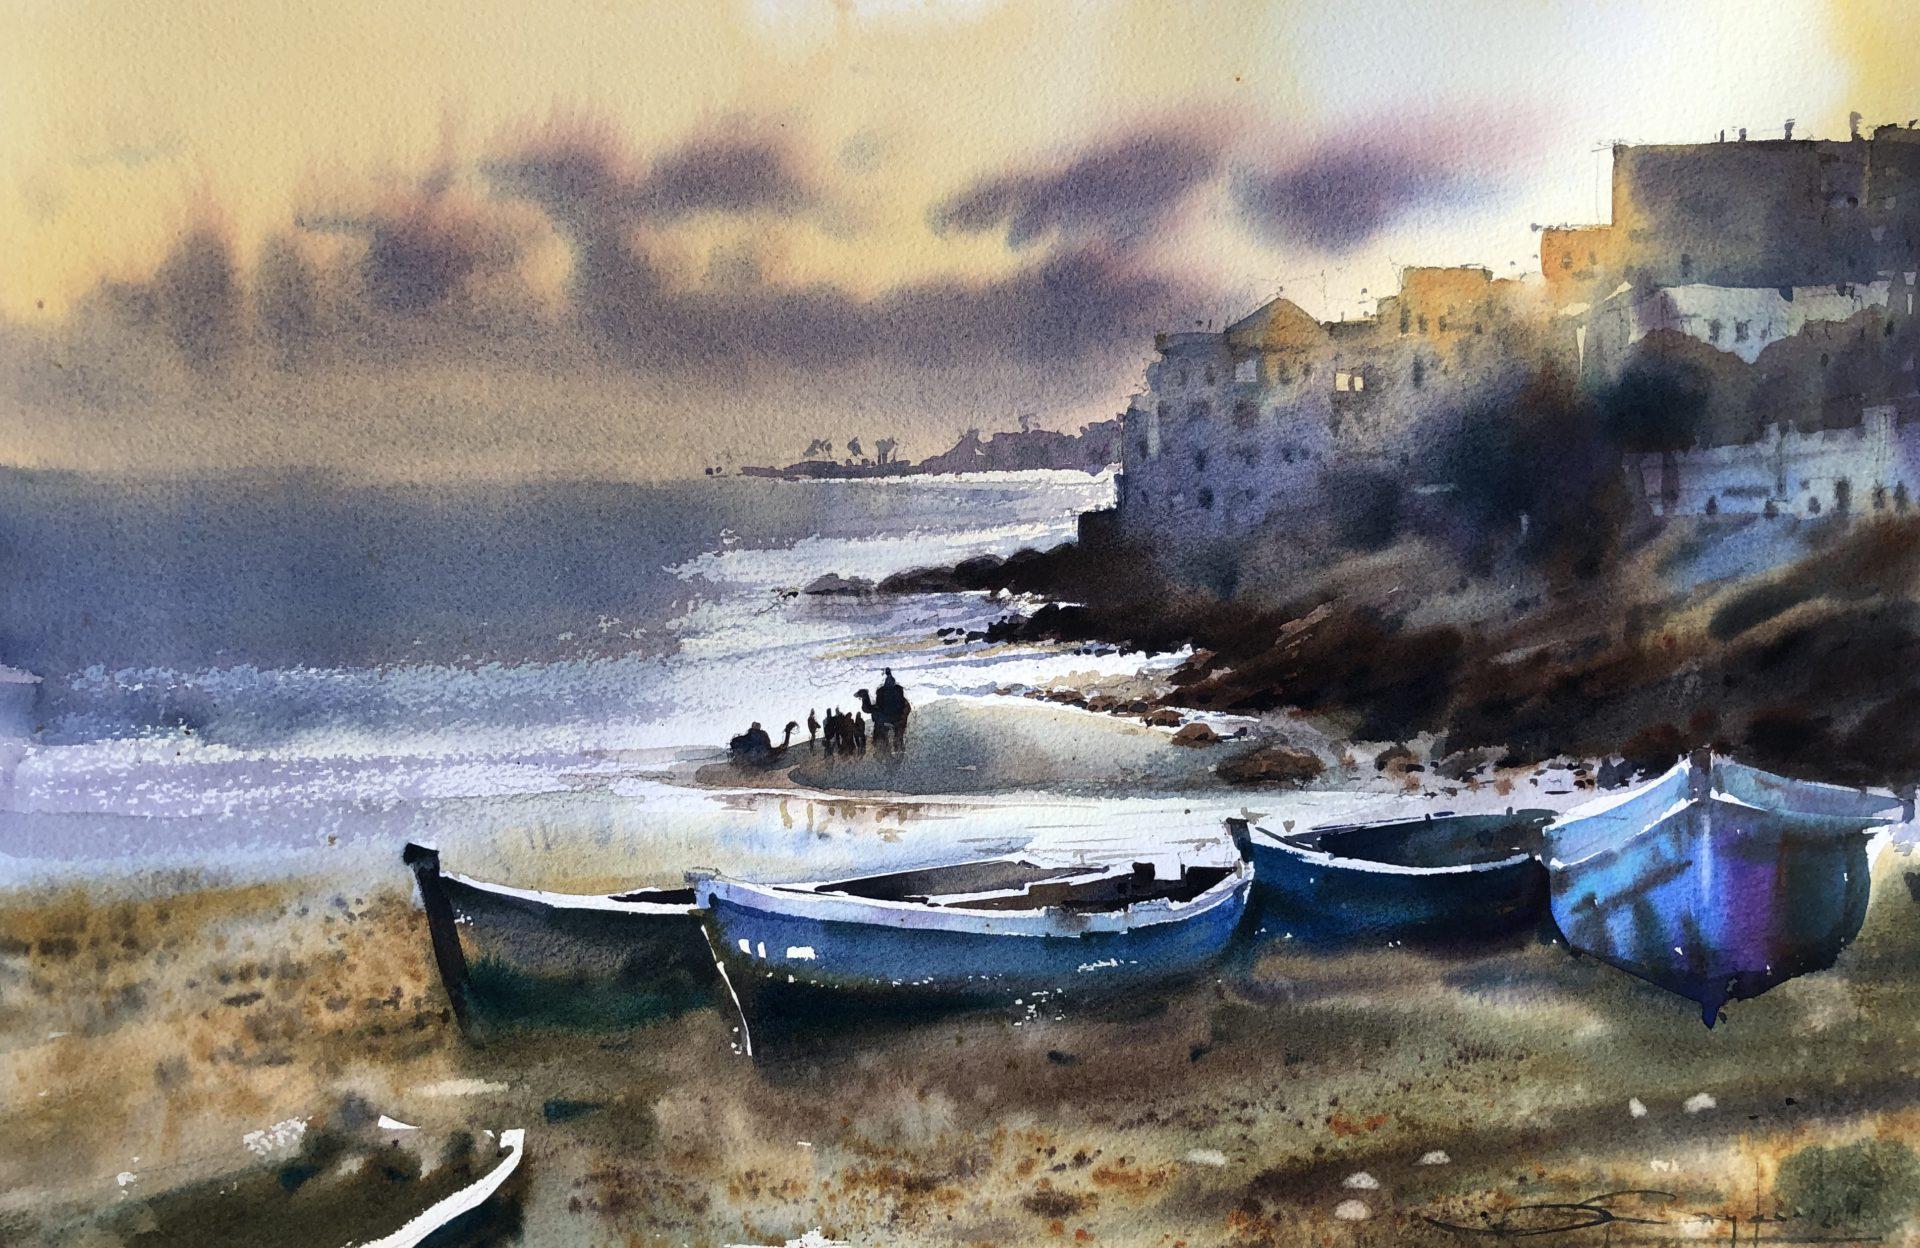 Deserved Rest, Watercolour, 56x38cm,Zasloužený odpočinek